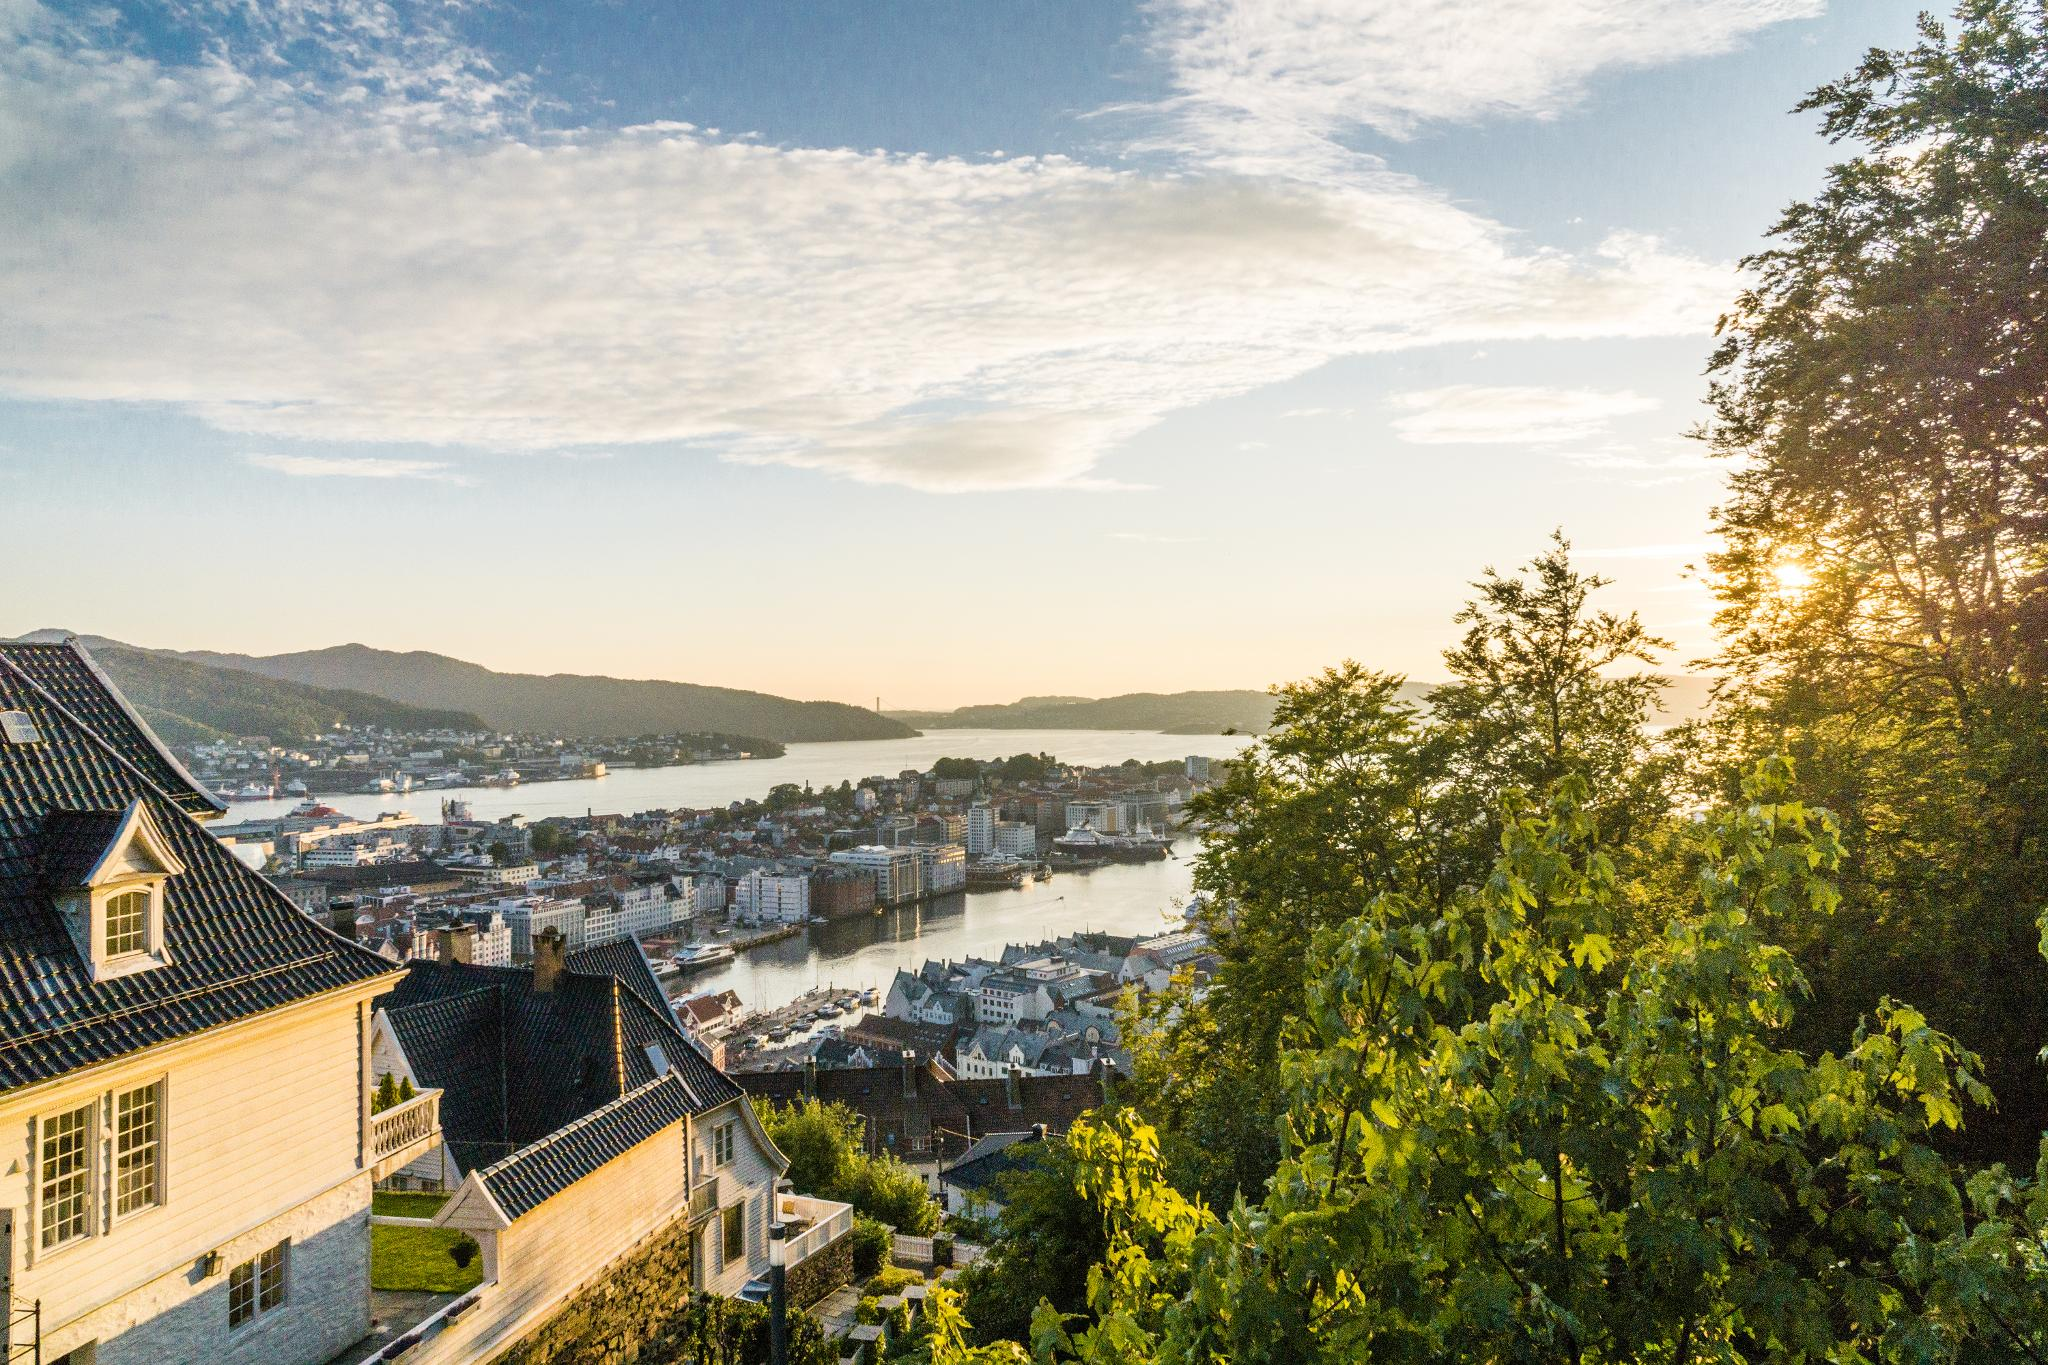 【卑爾根】Fløyen 佛洛伊恩山纜車與觀景台 — 擁抱文化港都的百萬美景 106